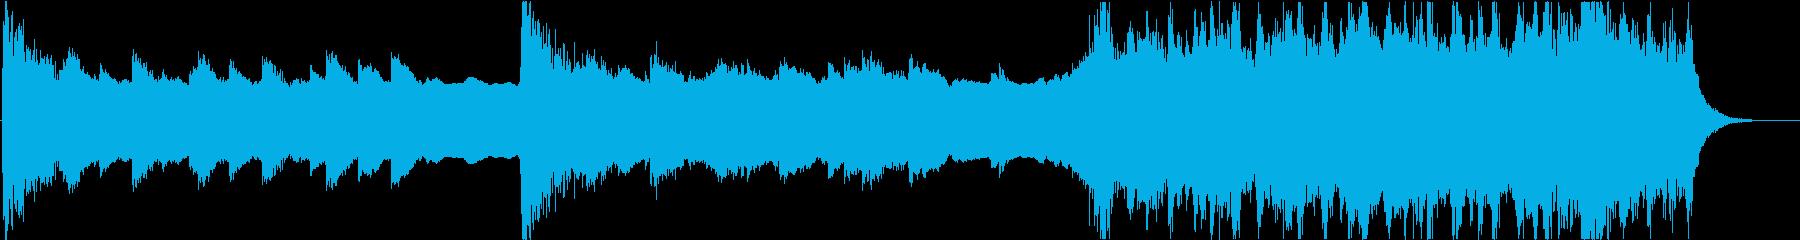 トランペットを使用した雄大で感動的な曲の再生済みの波形